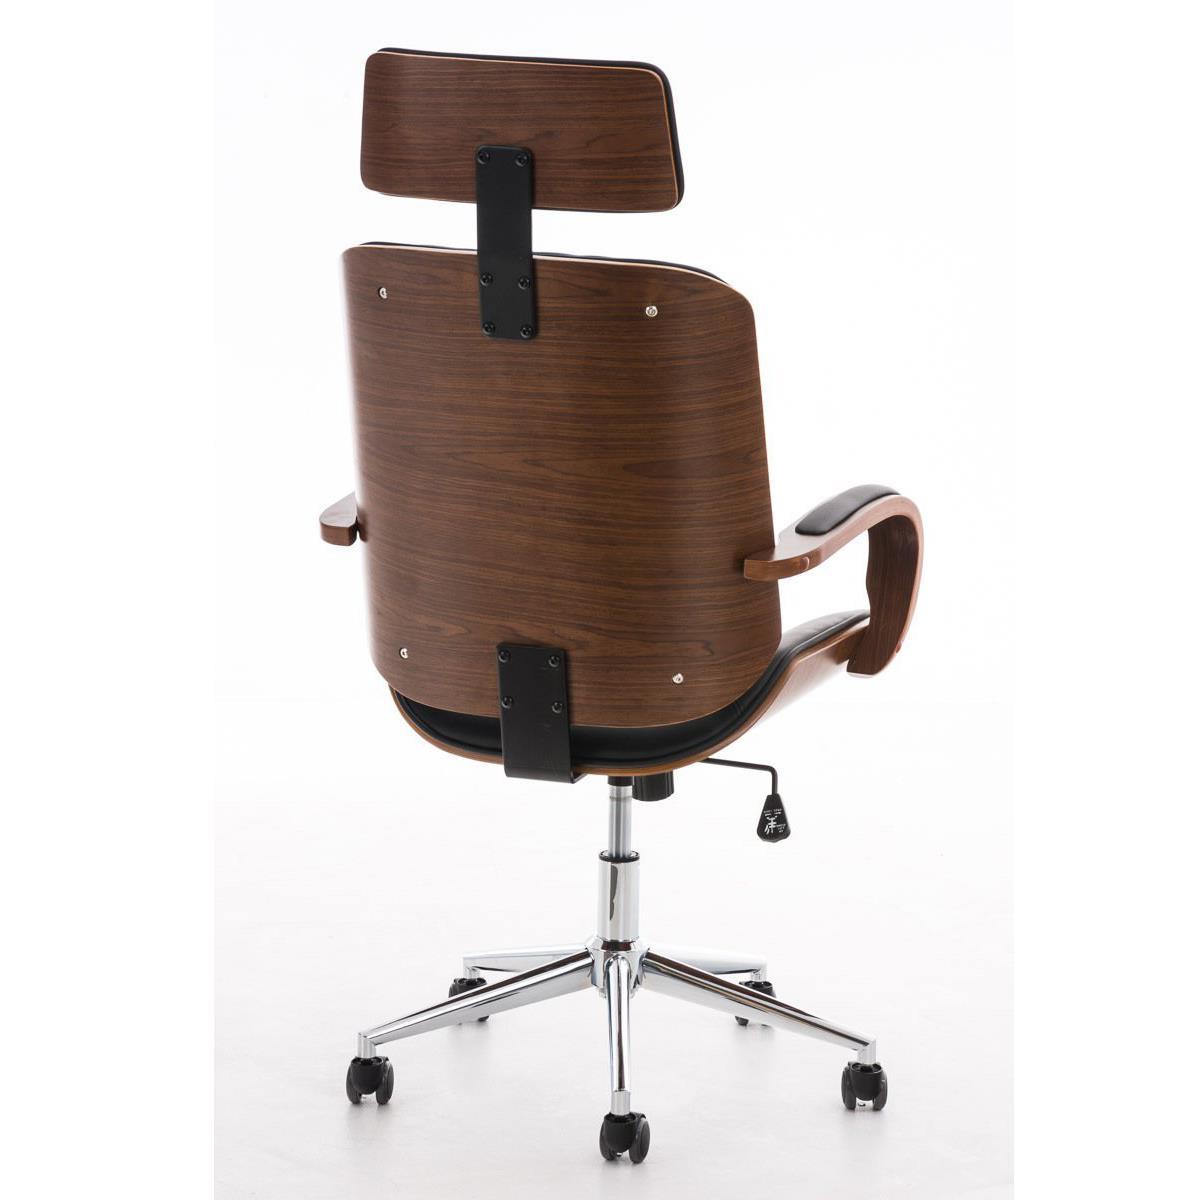 Sedia da ufficio jutta design unico in legno e pelle for Ufficio design in legno